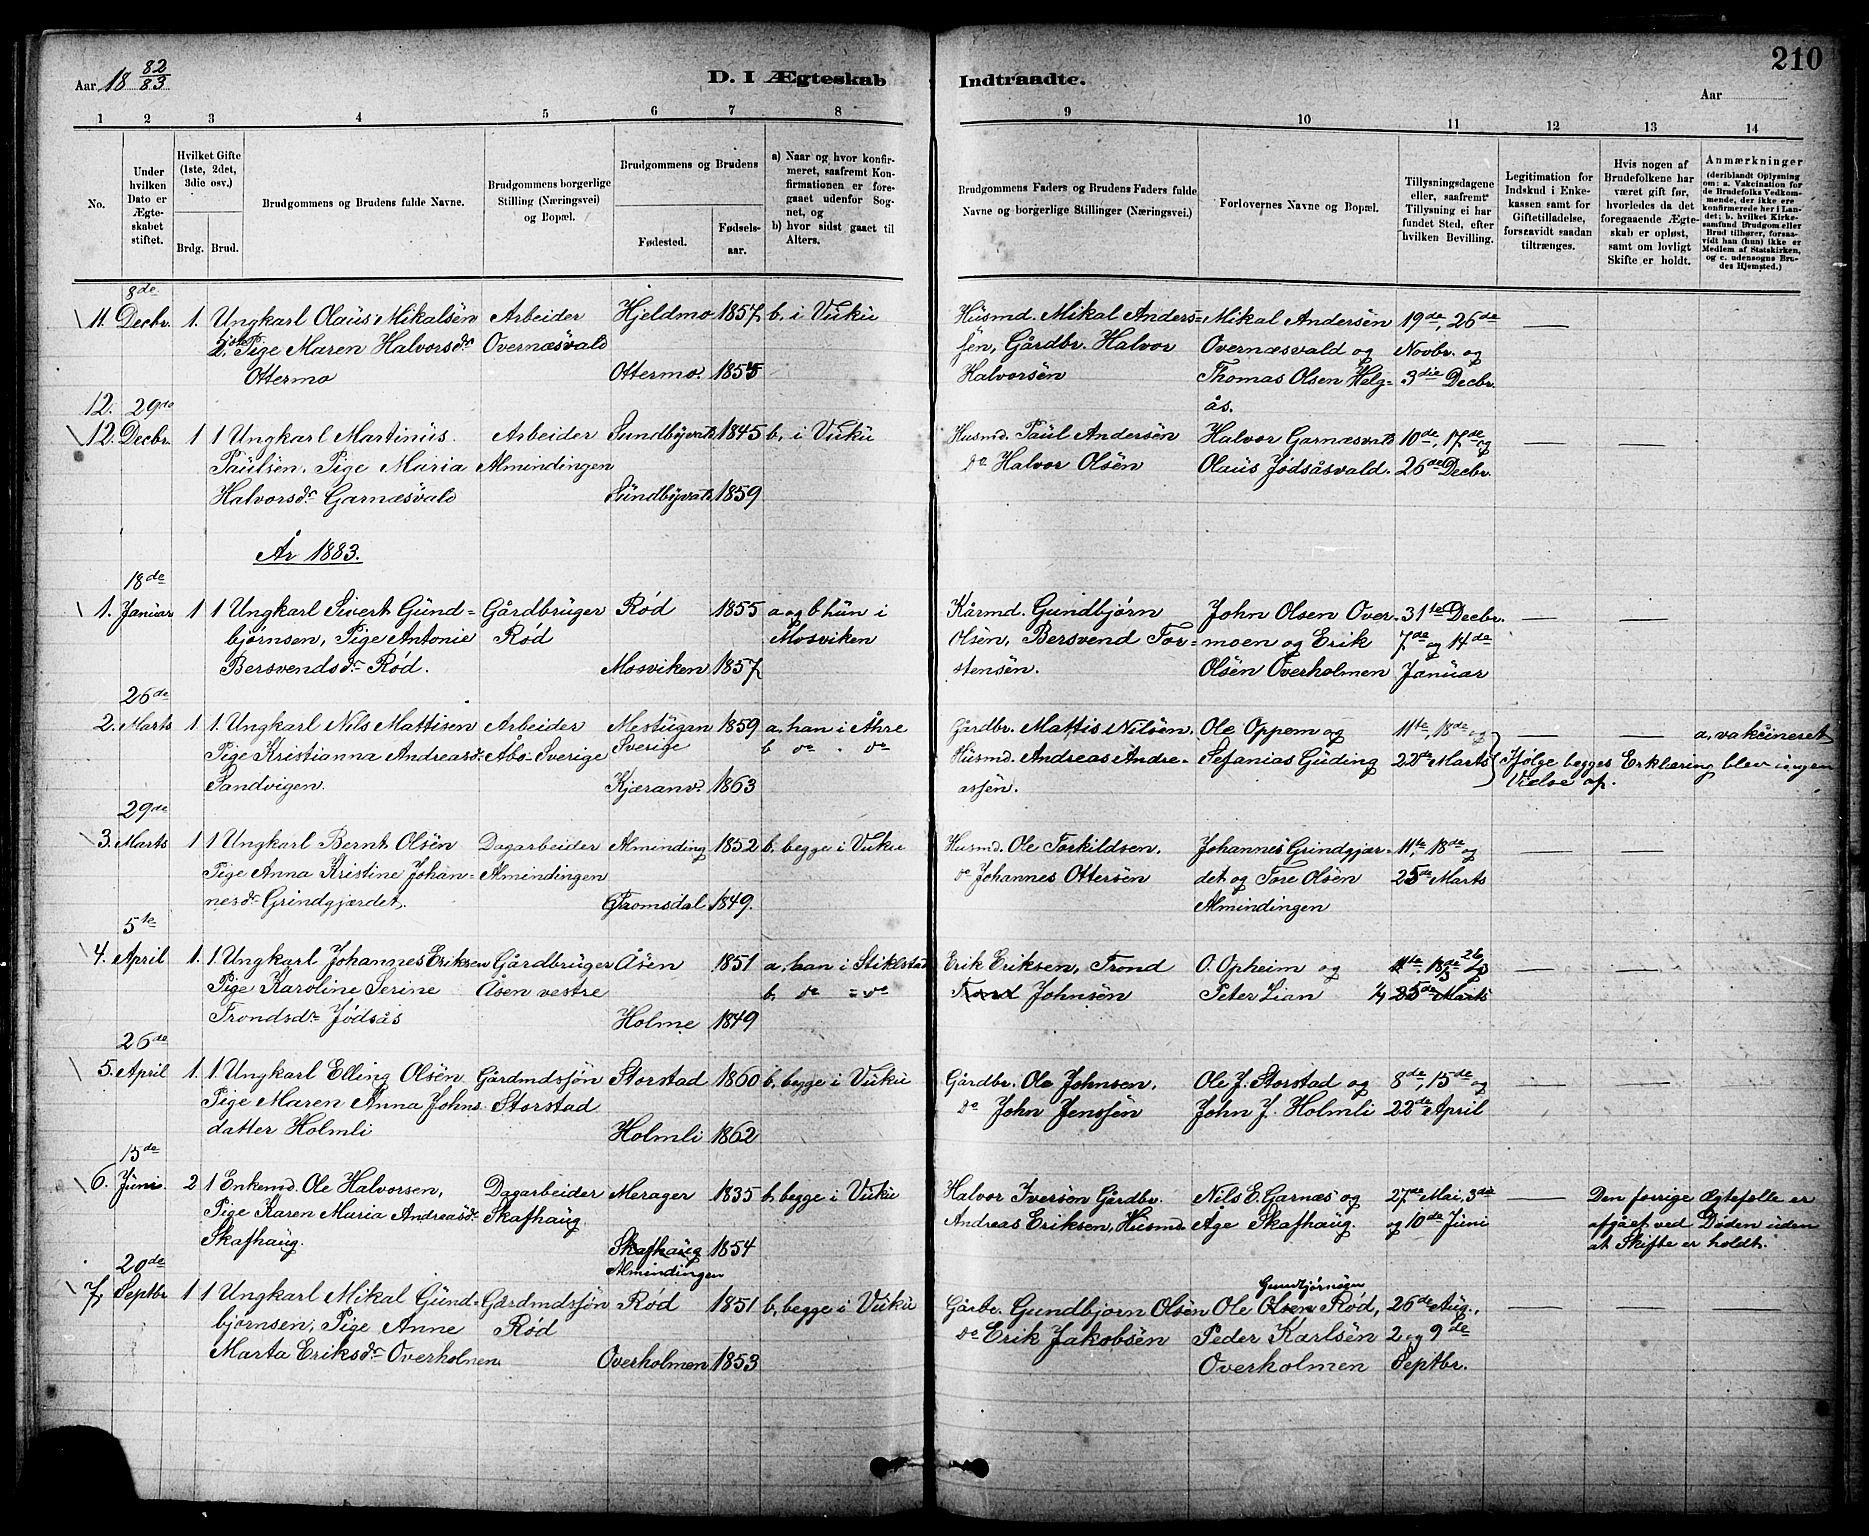 SAT, Ministerialprotokoller, klokkerbøker og fødselsregistre - Nord-Trøndelag, 724/L0267: Klokkerbok nr. 724C03, 1879-1898, s. 210